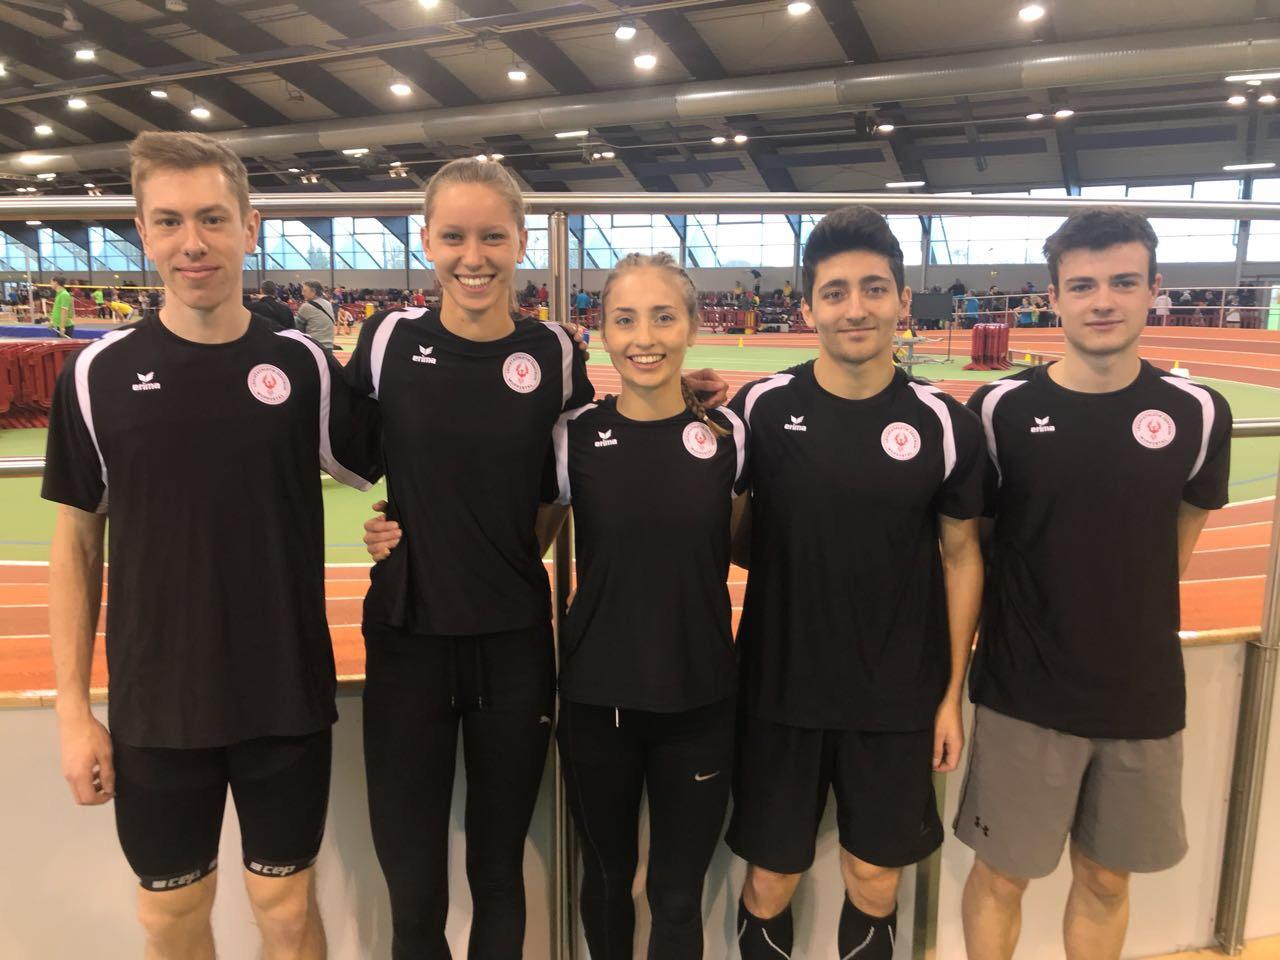 v.l.n.r.: Mathis Giesen, Jana Rokitta, Katharina Kezmann, Jan-Marcel Kezmann, Sven Opitz